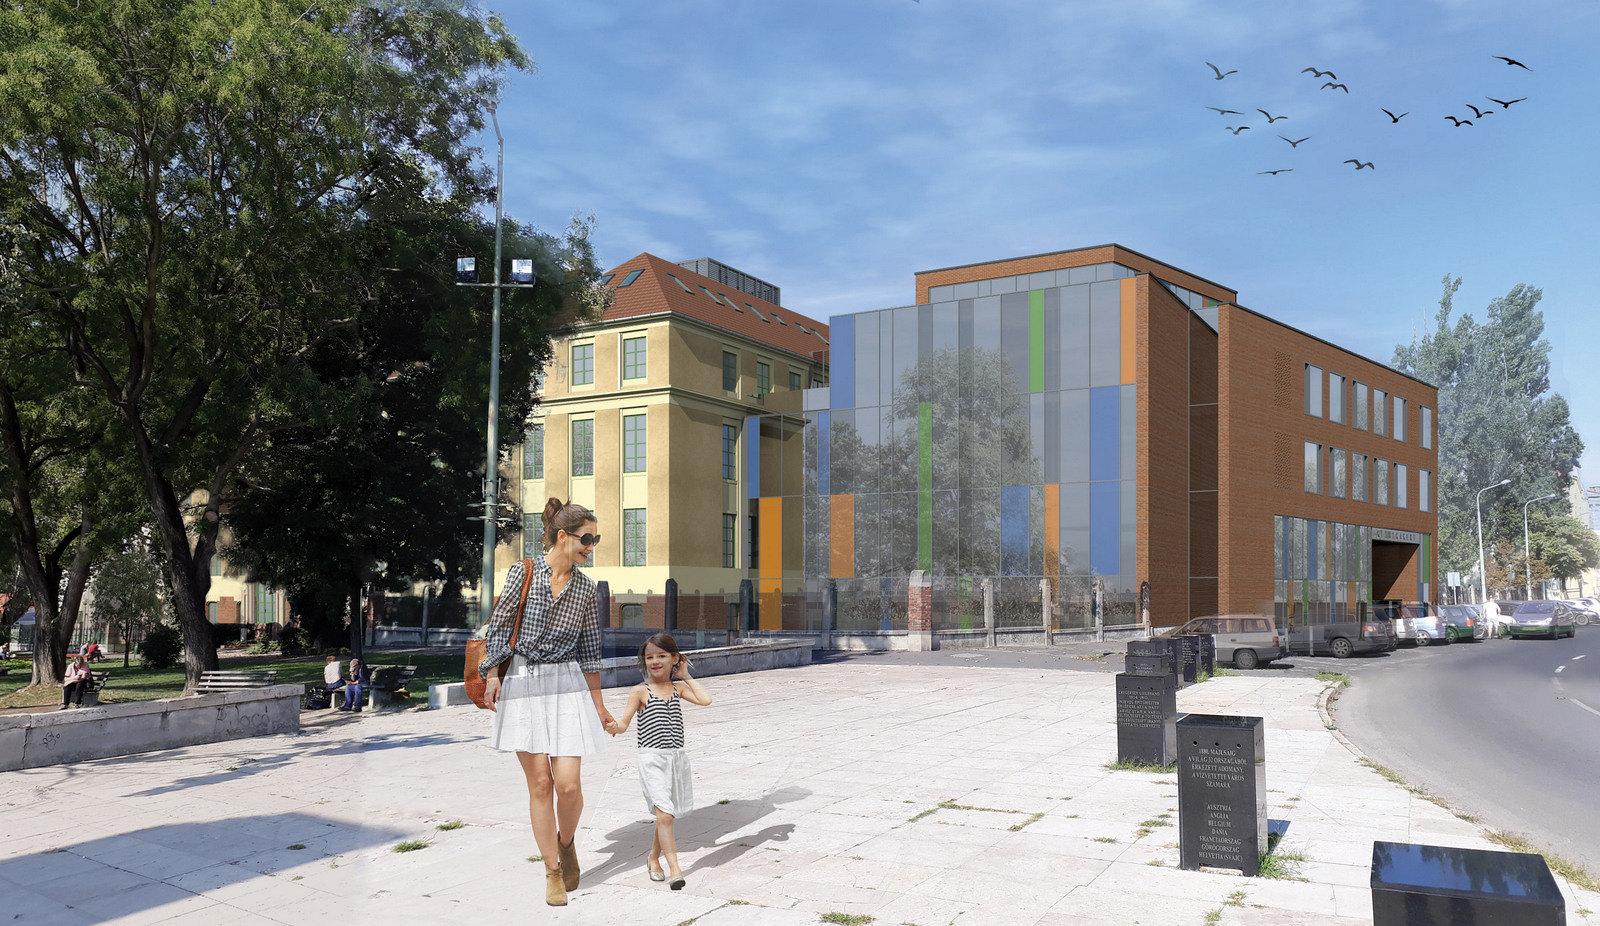 Átalakul a Kiskörút: új, modern klinikaépületet húznak fel a déli végében